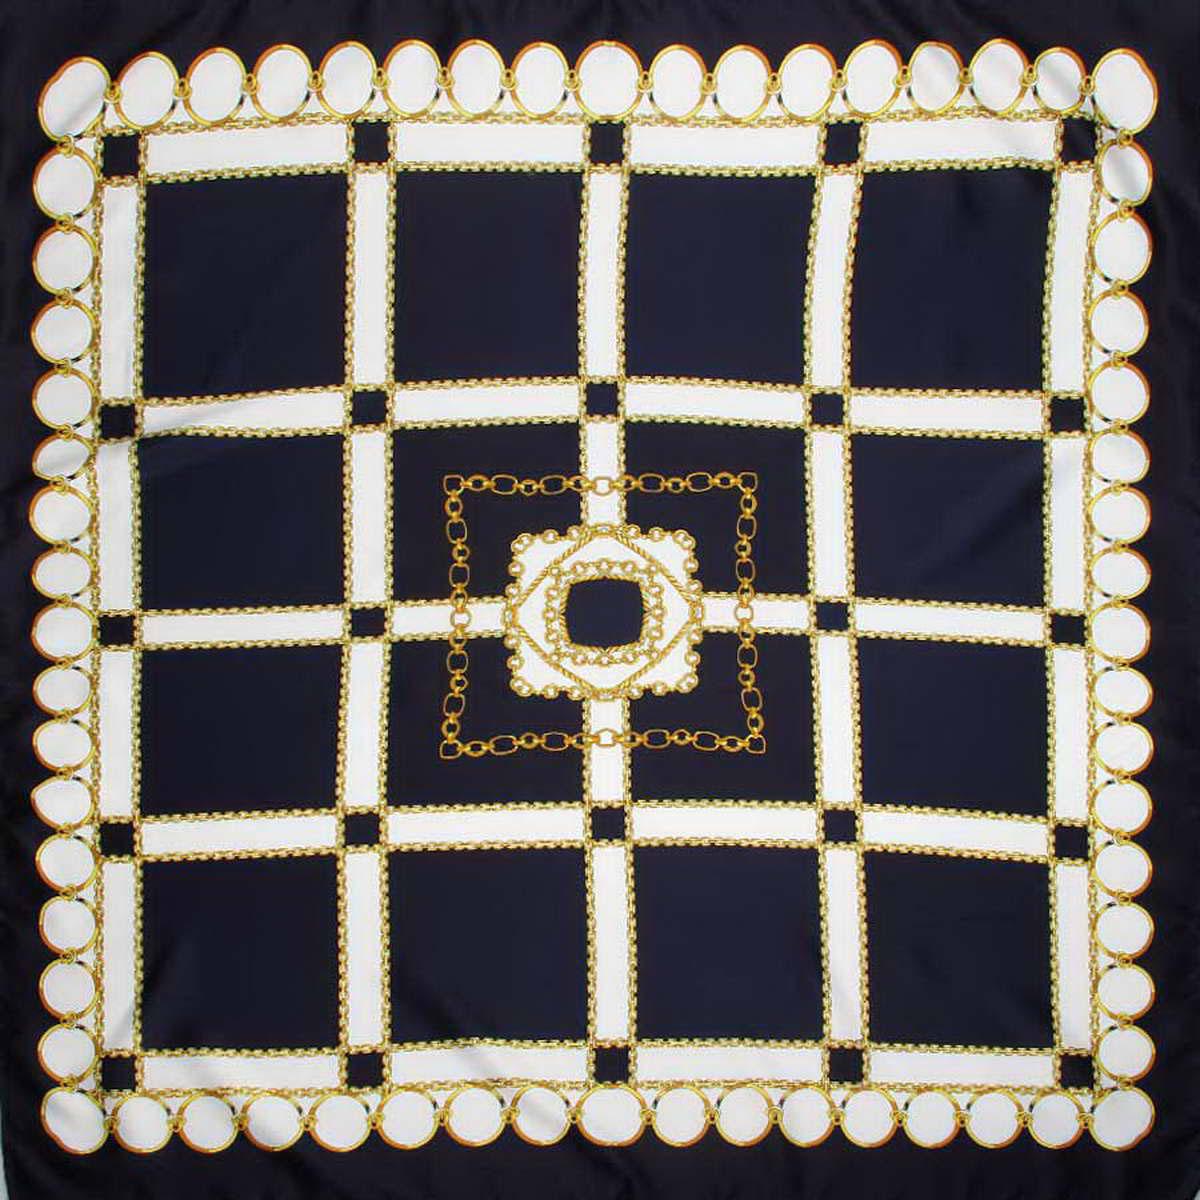 Платок женский Venera, цвет: темно-синий, белый, желтый. 3914783-11. Размер 90 см х 90 см3914783-11Стильный женский платок Venera станет великолепным завершением любого наряда. Платок изготовлен из полиэстера и оформлен принтом в виде цепей и колец. Классическая квадратная форма позволяет носить платок на шее, украшать им прическу или декорировать сумочку. Легкий и приятный на ощупь платок поможет вам создать изысканный женственный образ. Такой платок превосходно дополнит любой наряд и подчеркнет ваш неповторимый вкус и элегантность.